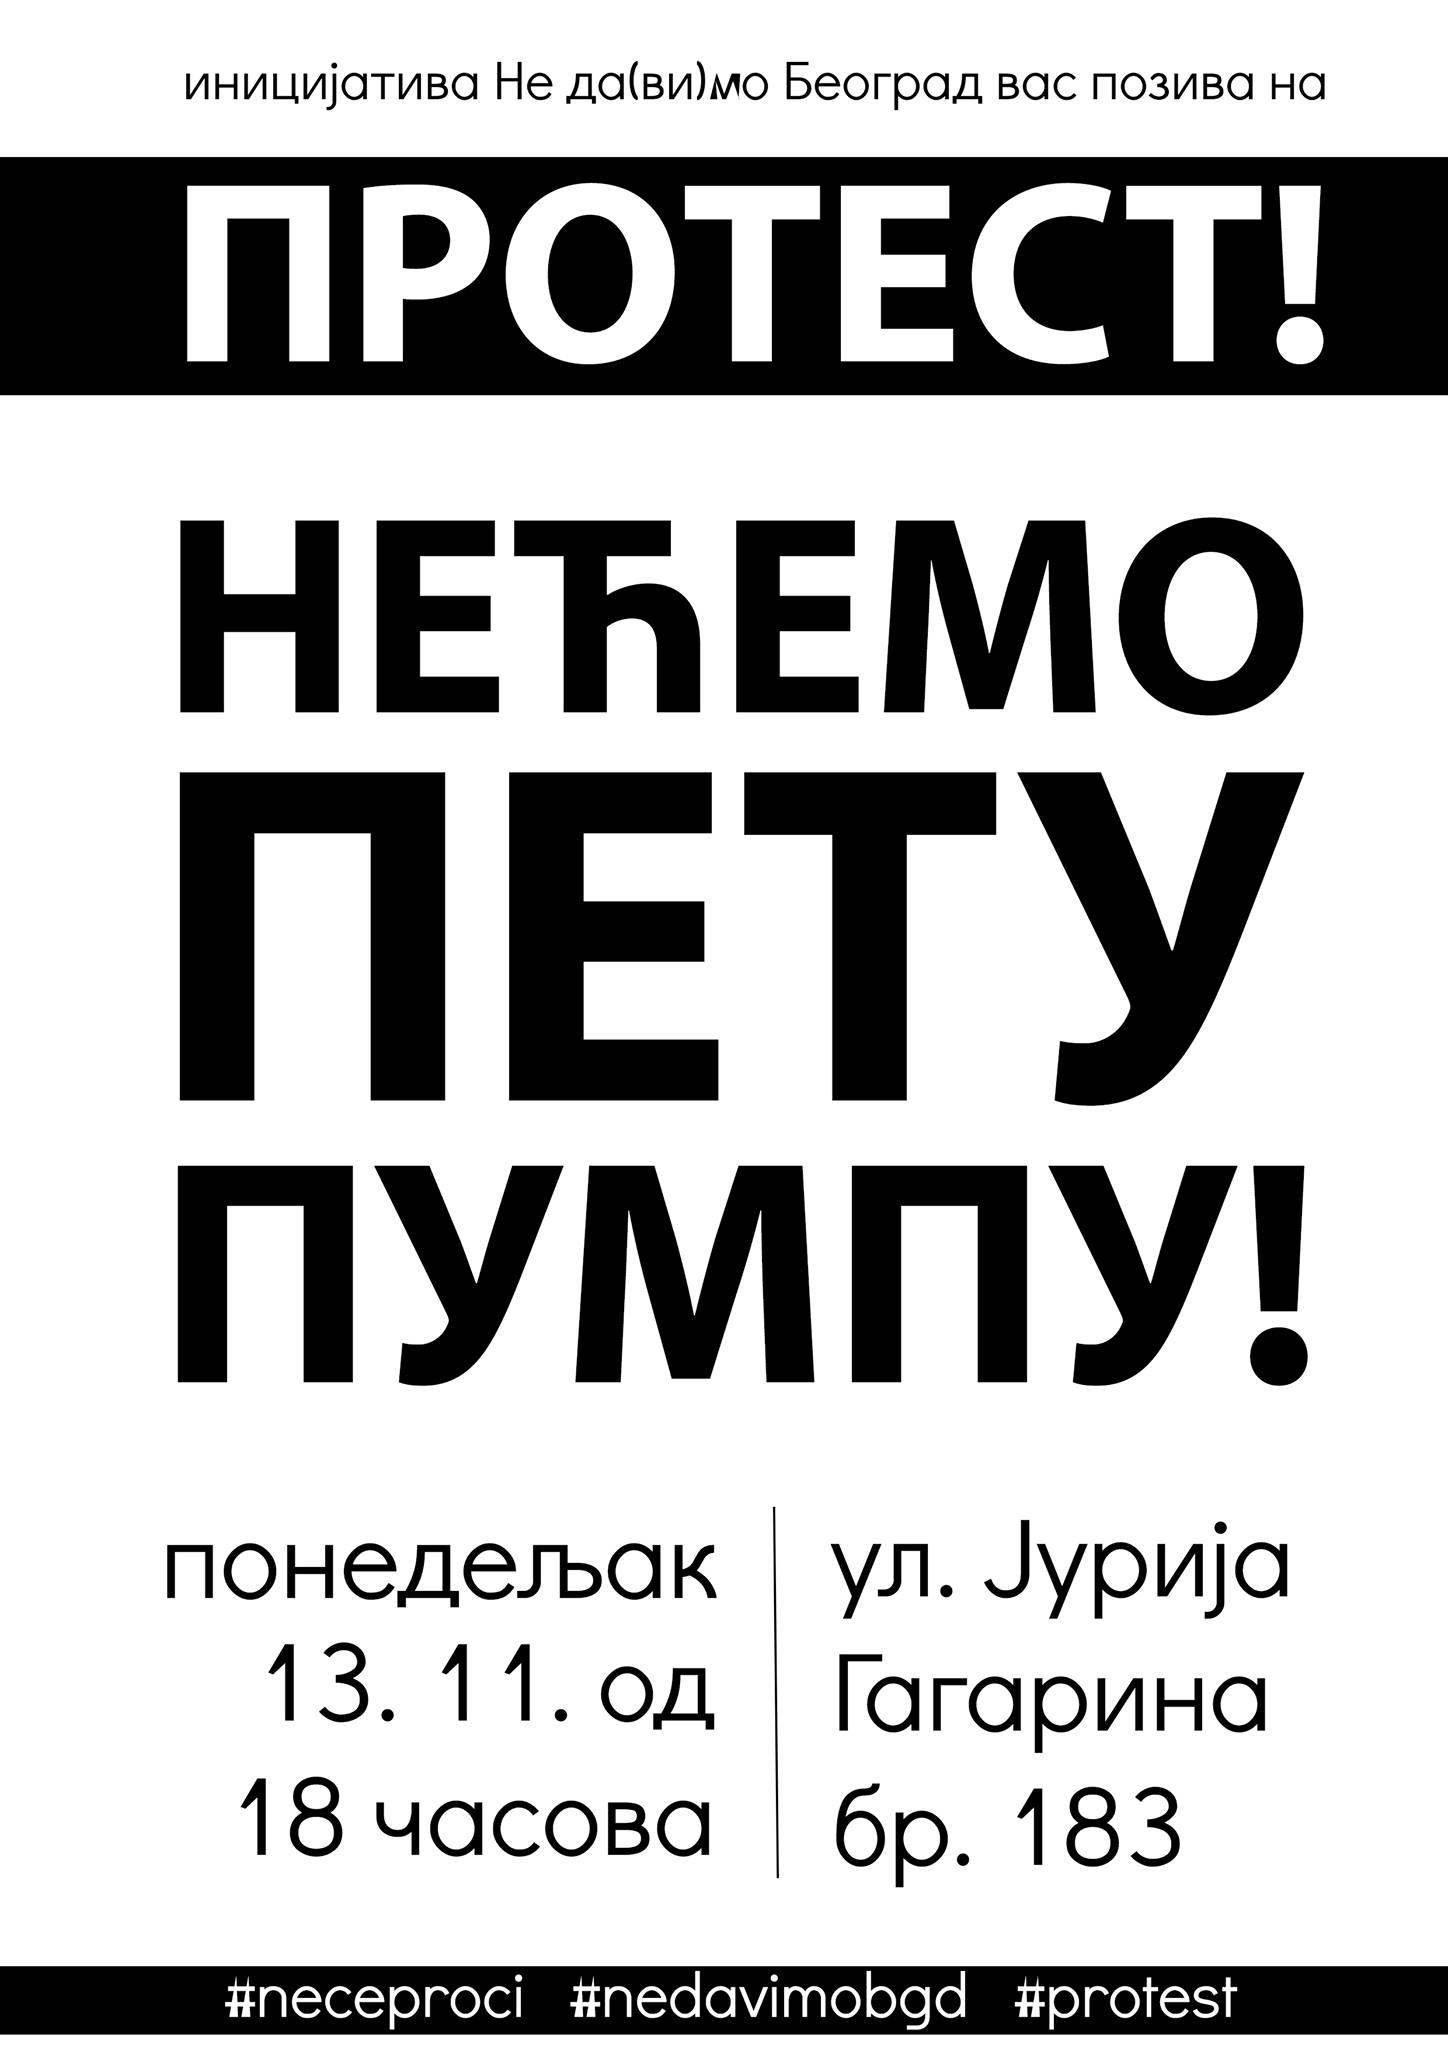 Inicijativa Ne da(vi)mo Beograd poziva: ne treba nam peta benzinska pumpa!